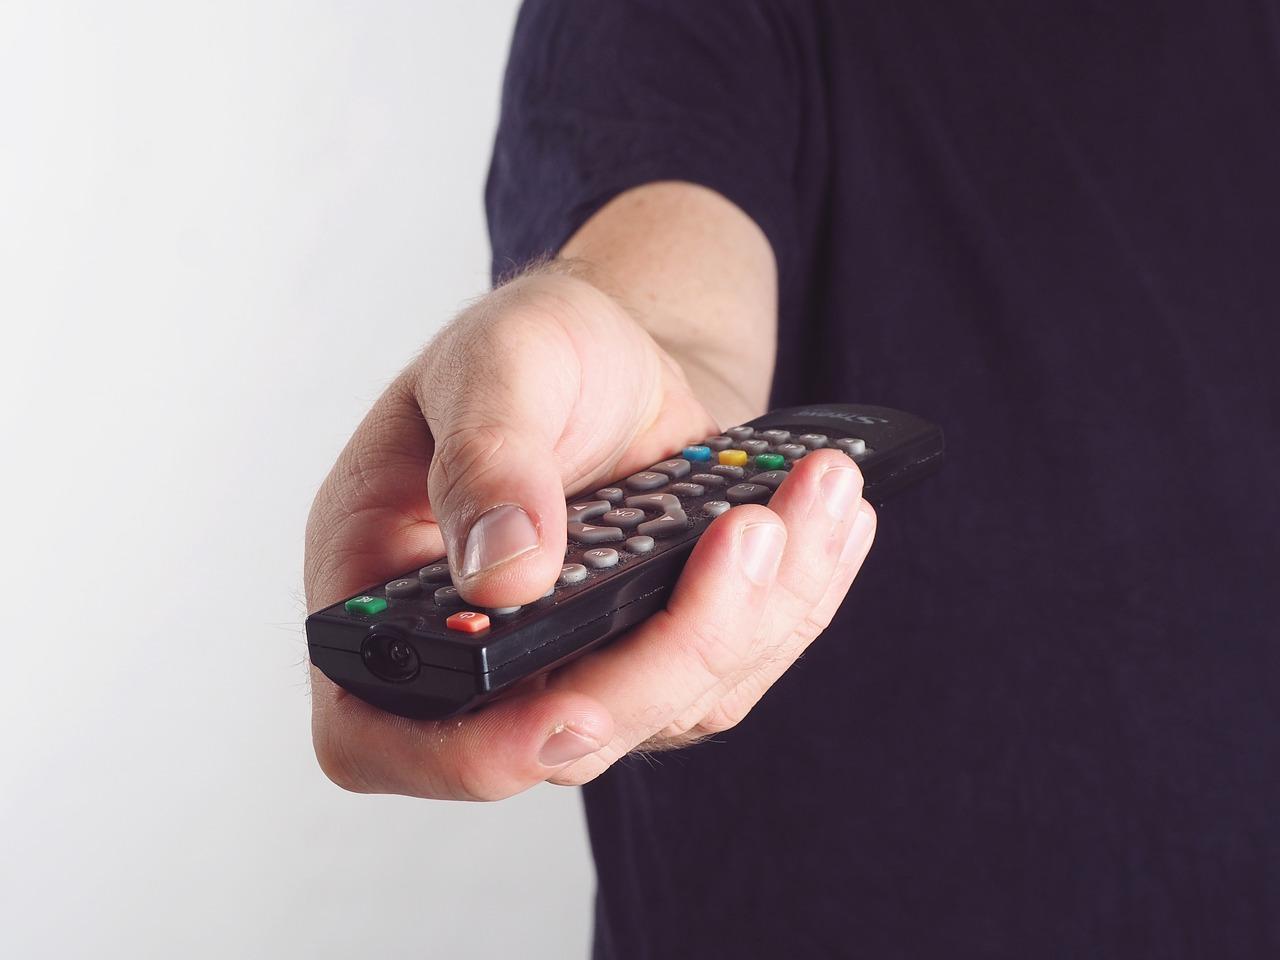 La bagarre a éclaté pour une histoire de télécommande - Illustration © Pixabay